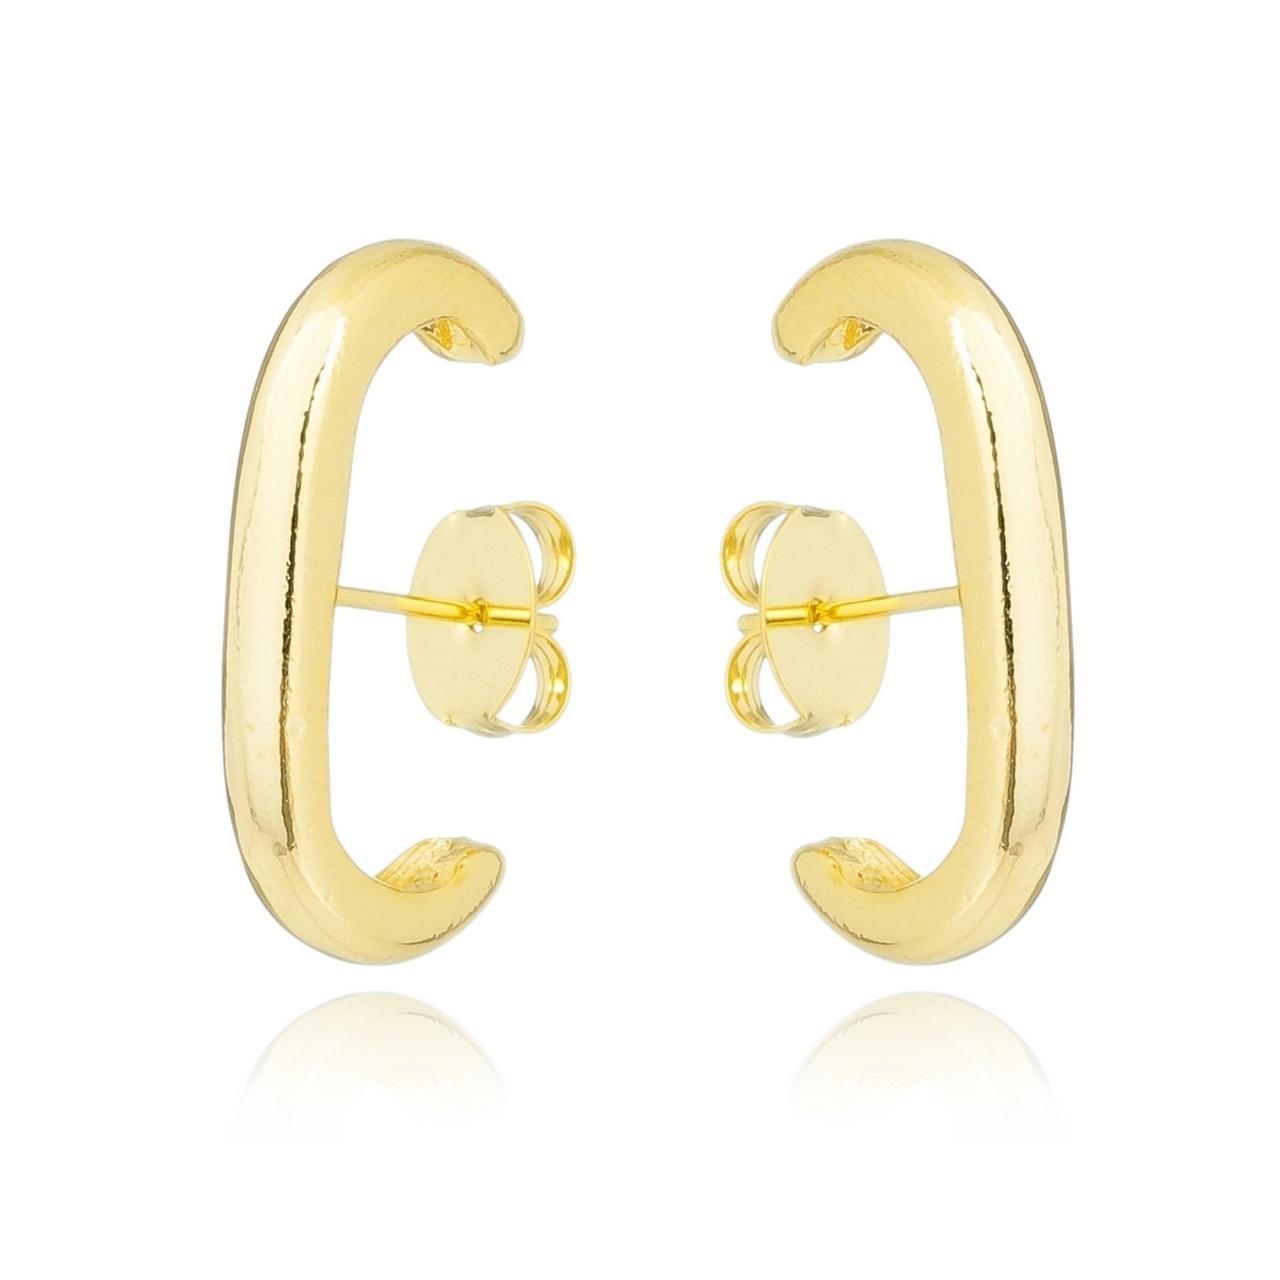 Brinco Ear Hook Liso Banhado em Ouro 18K